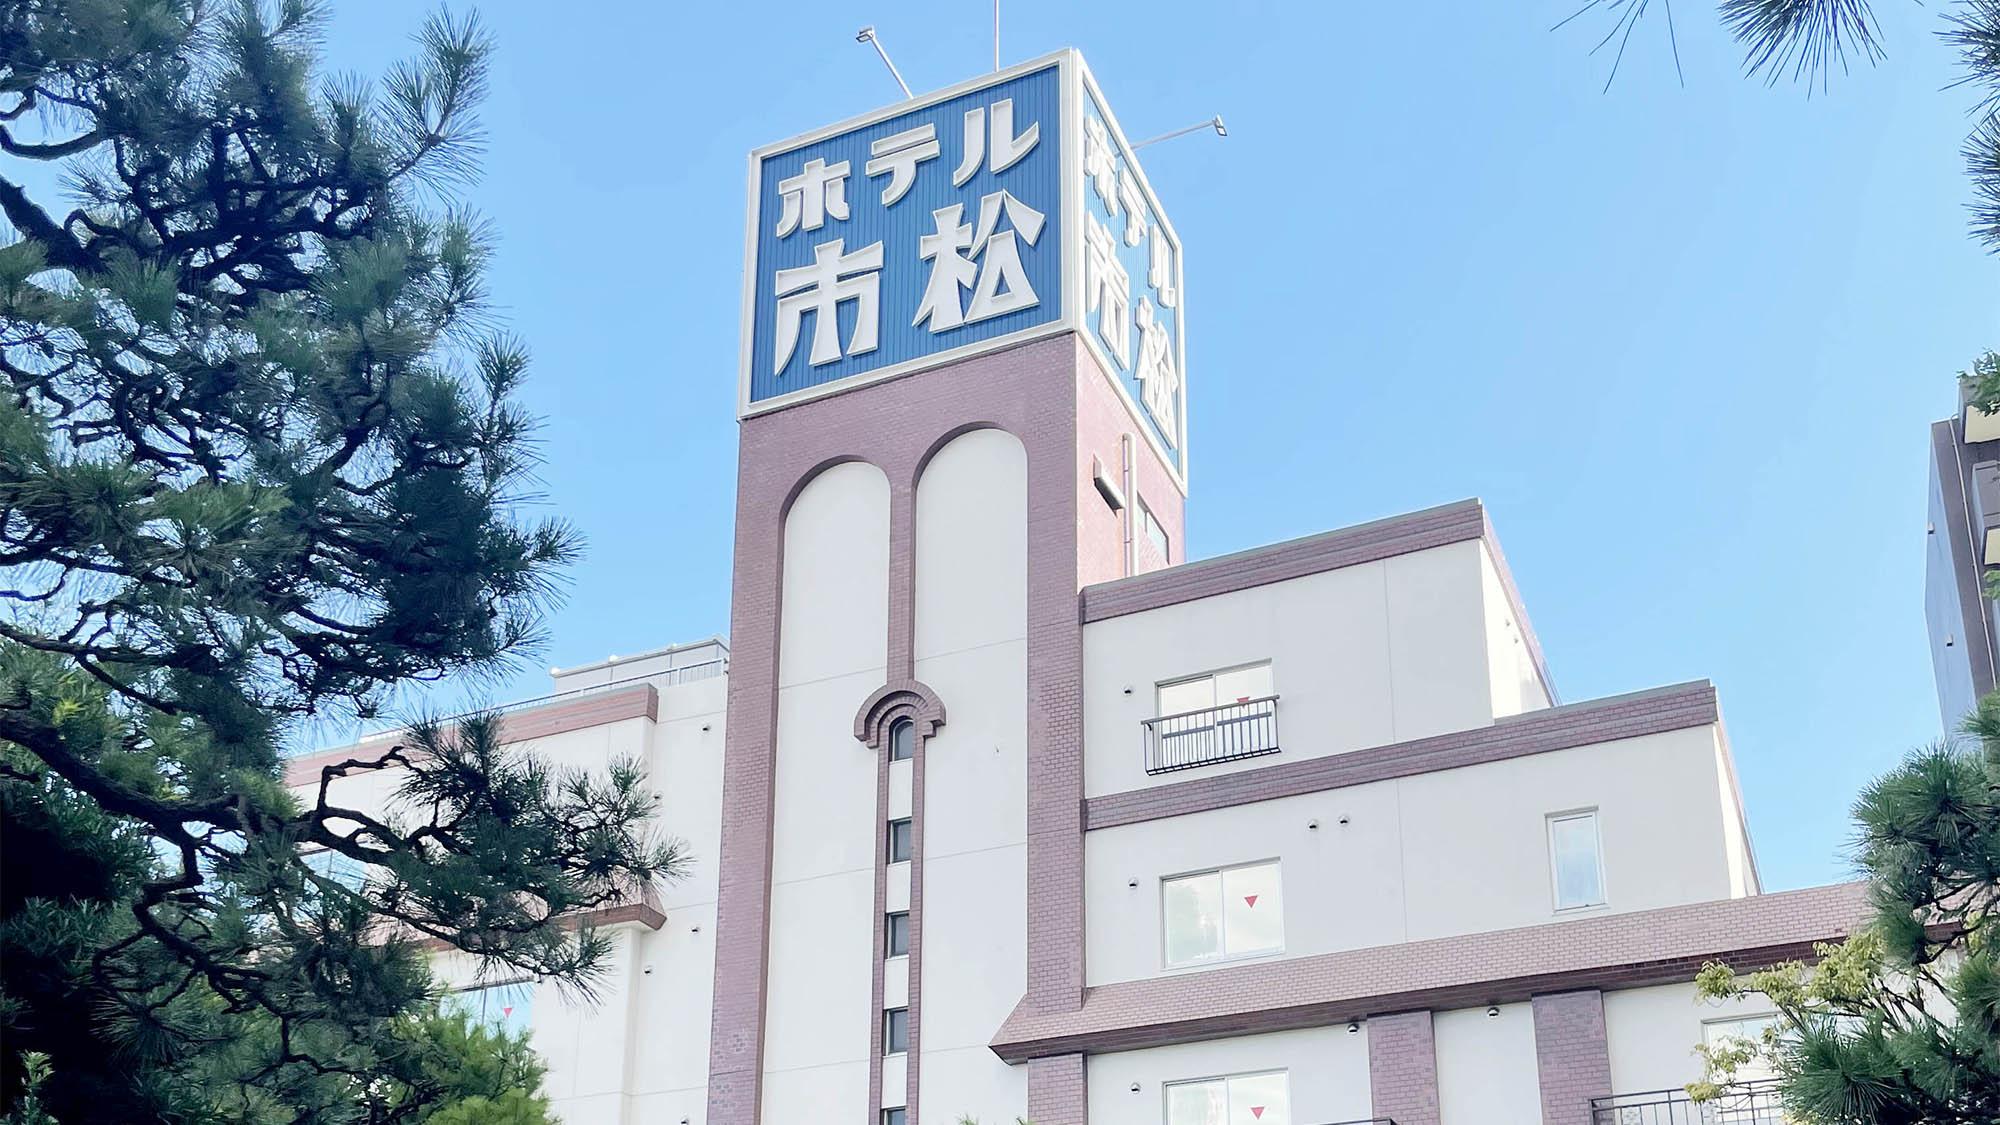 ホテル市松